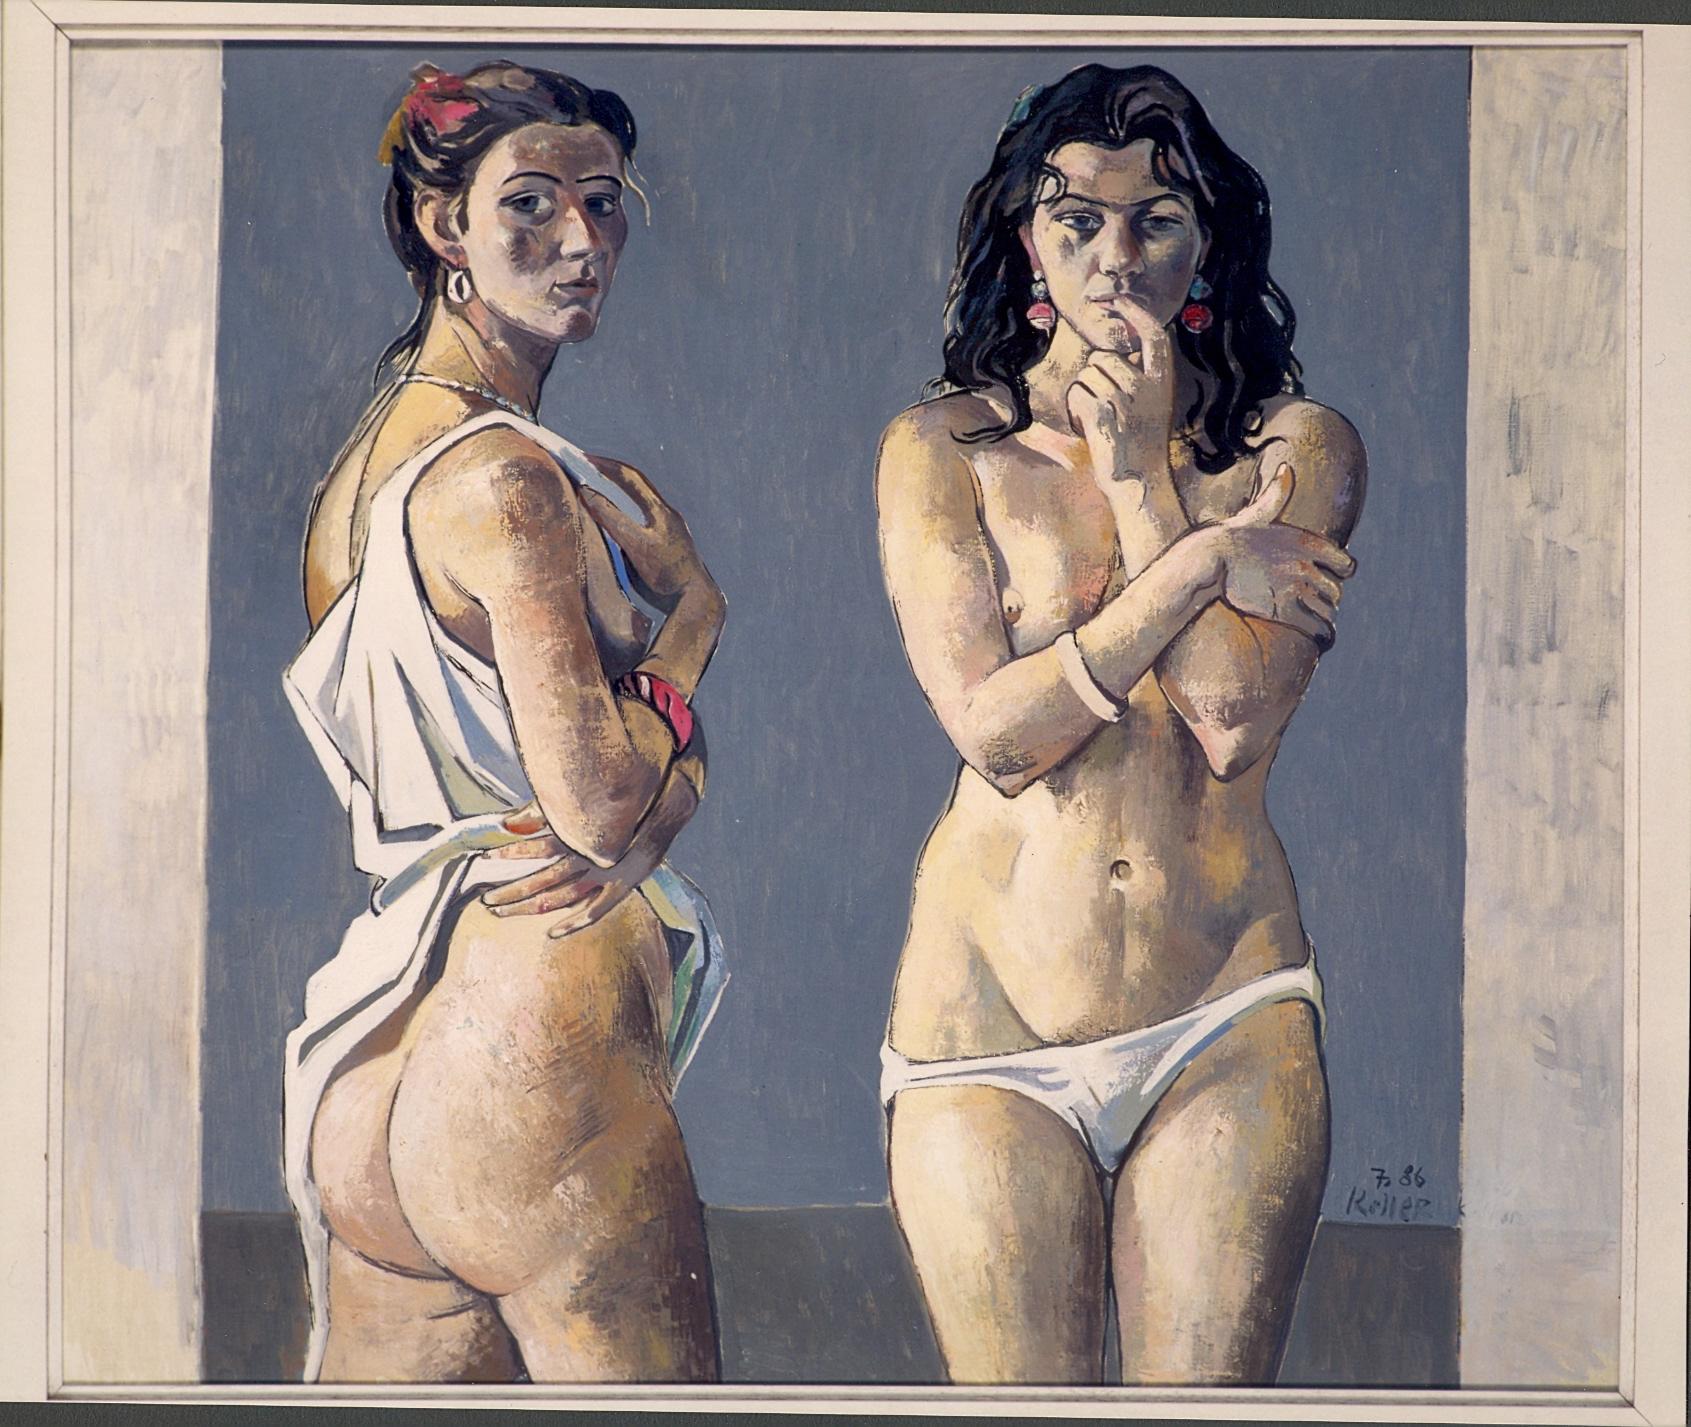 Carolin + Claudia